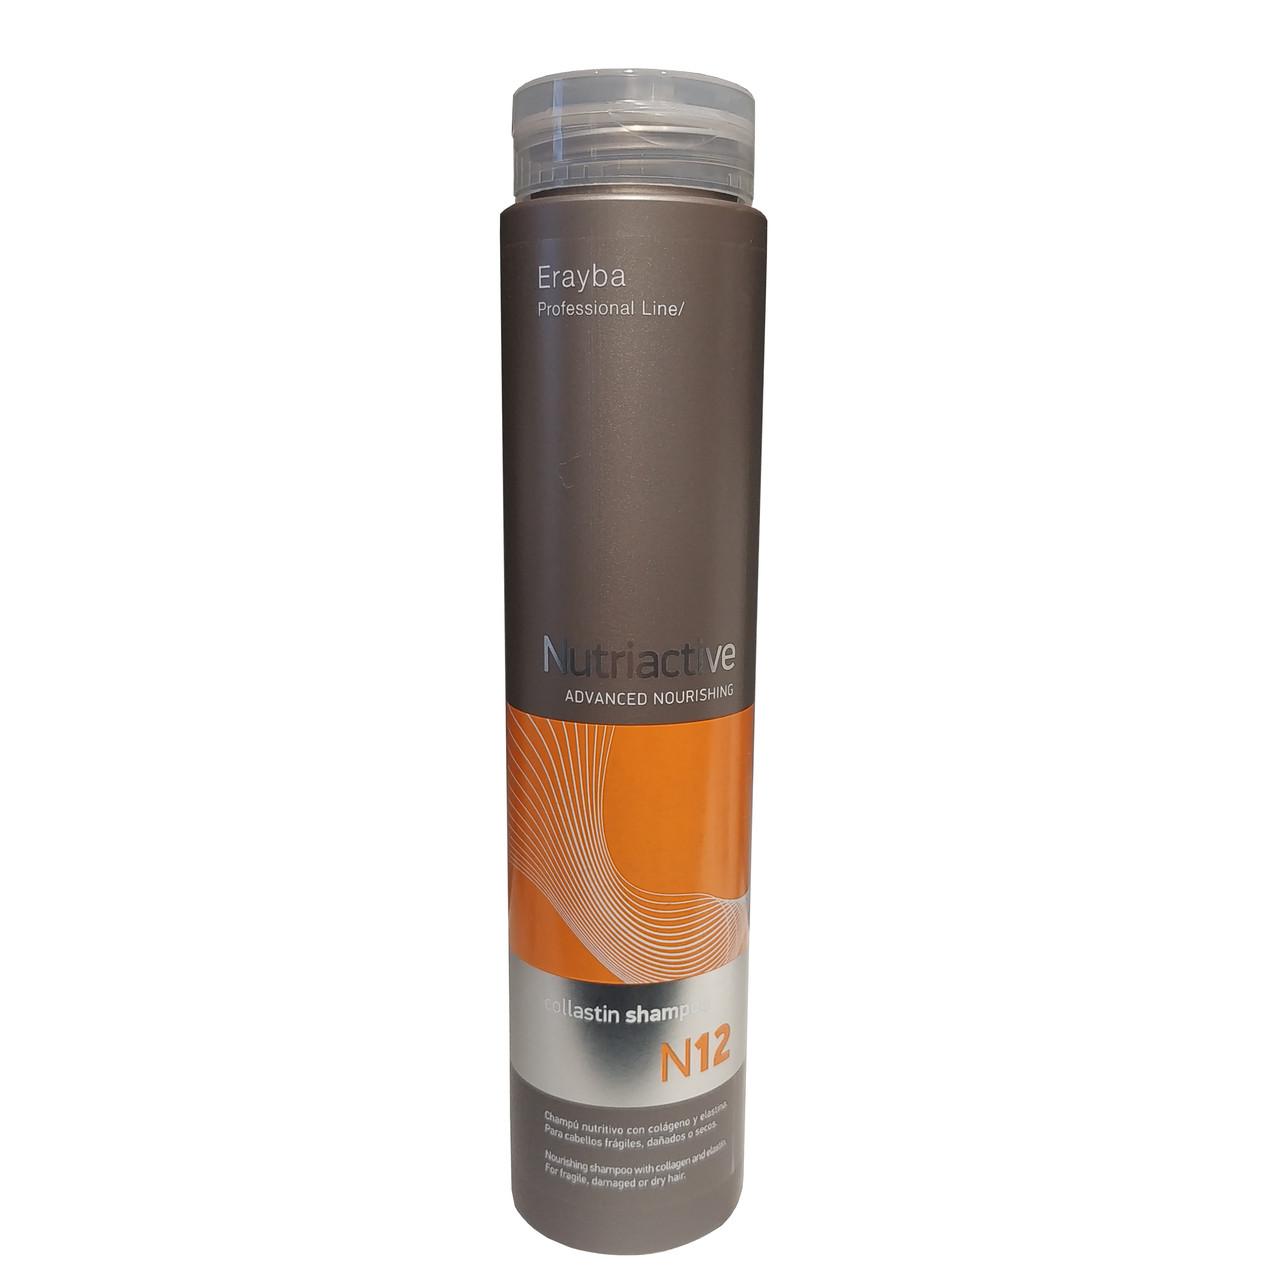 Шампунь для волос Erayba N12 Collastin Shampoo 250 мл